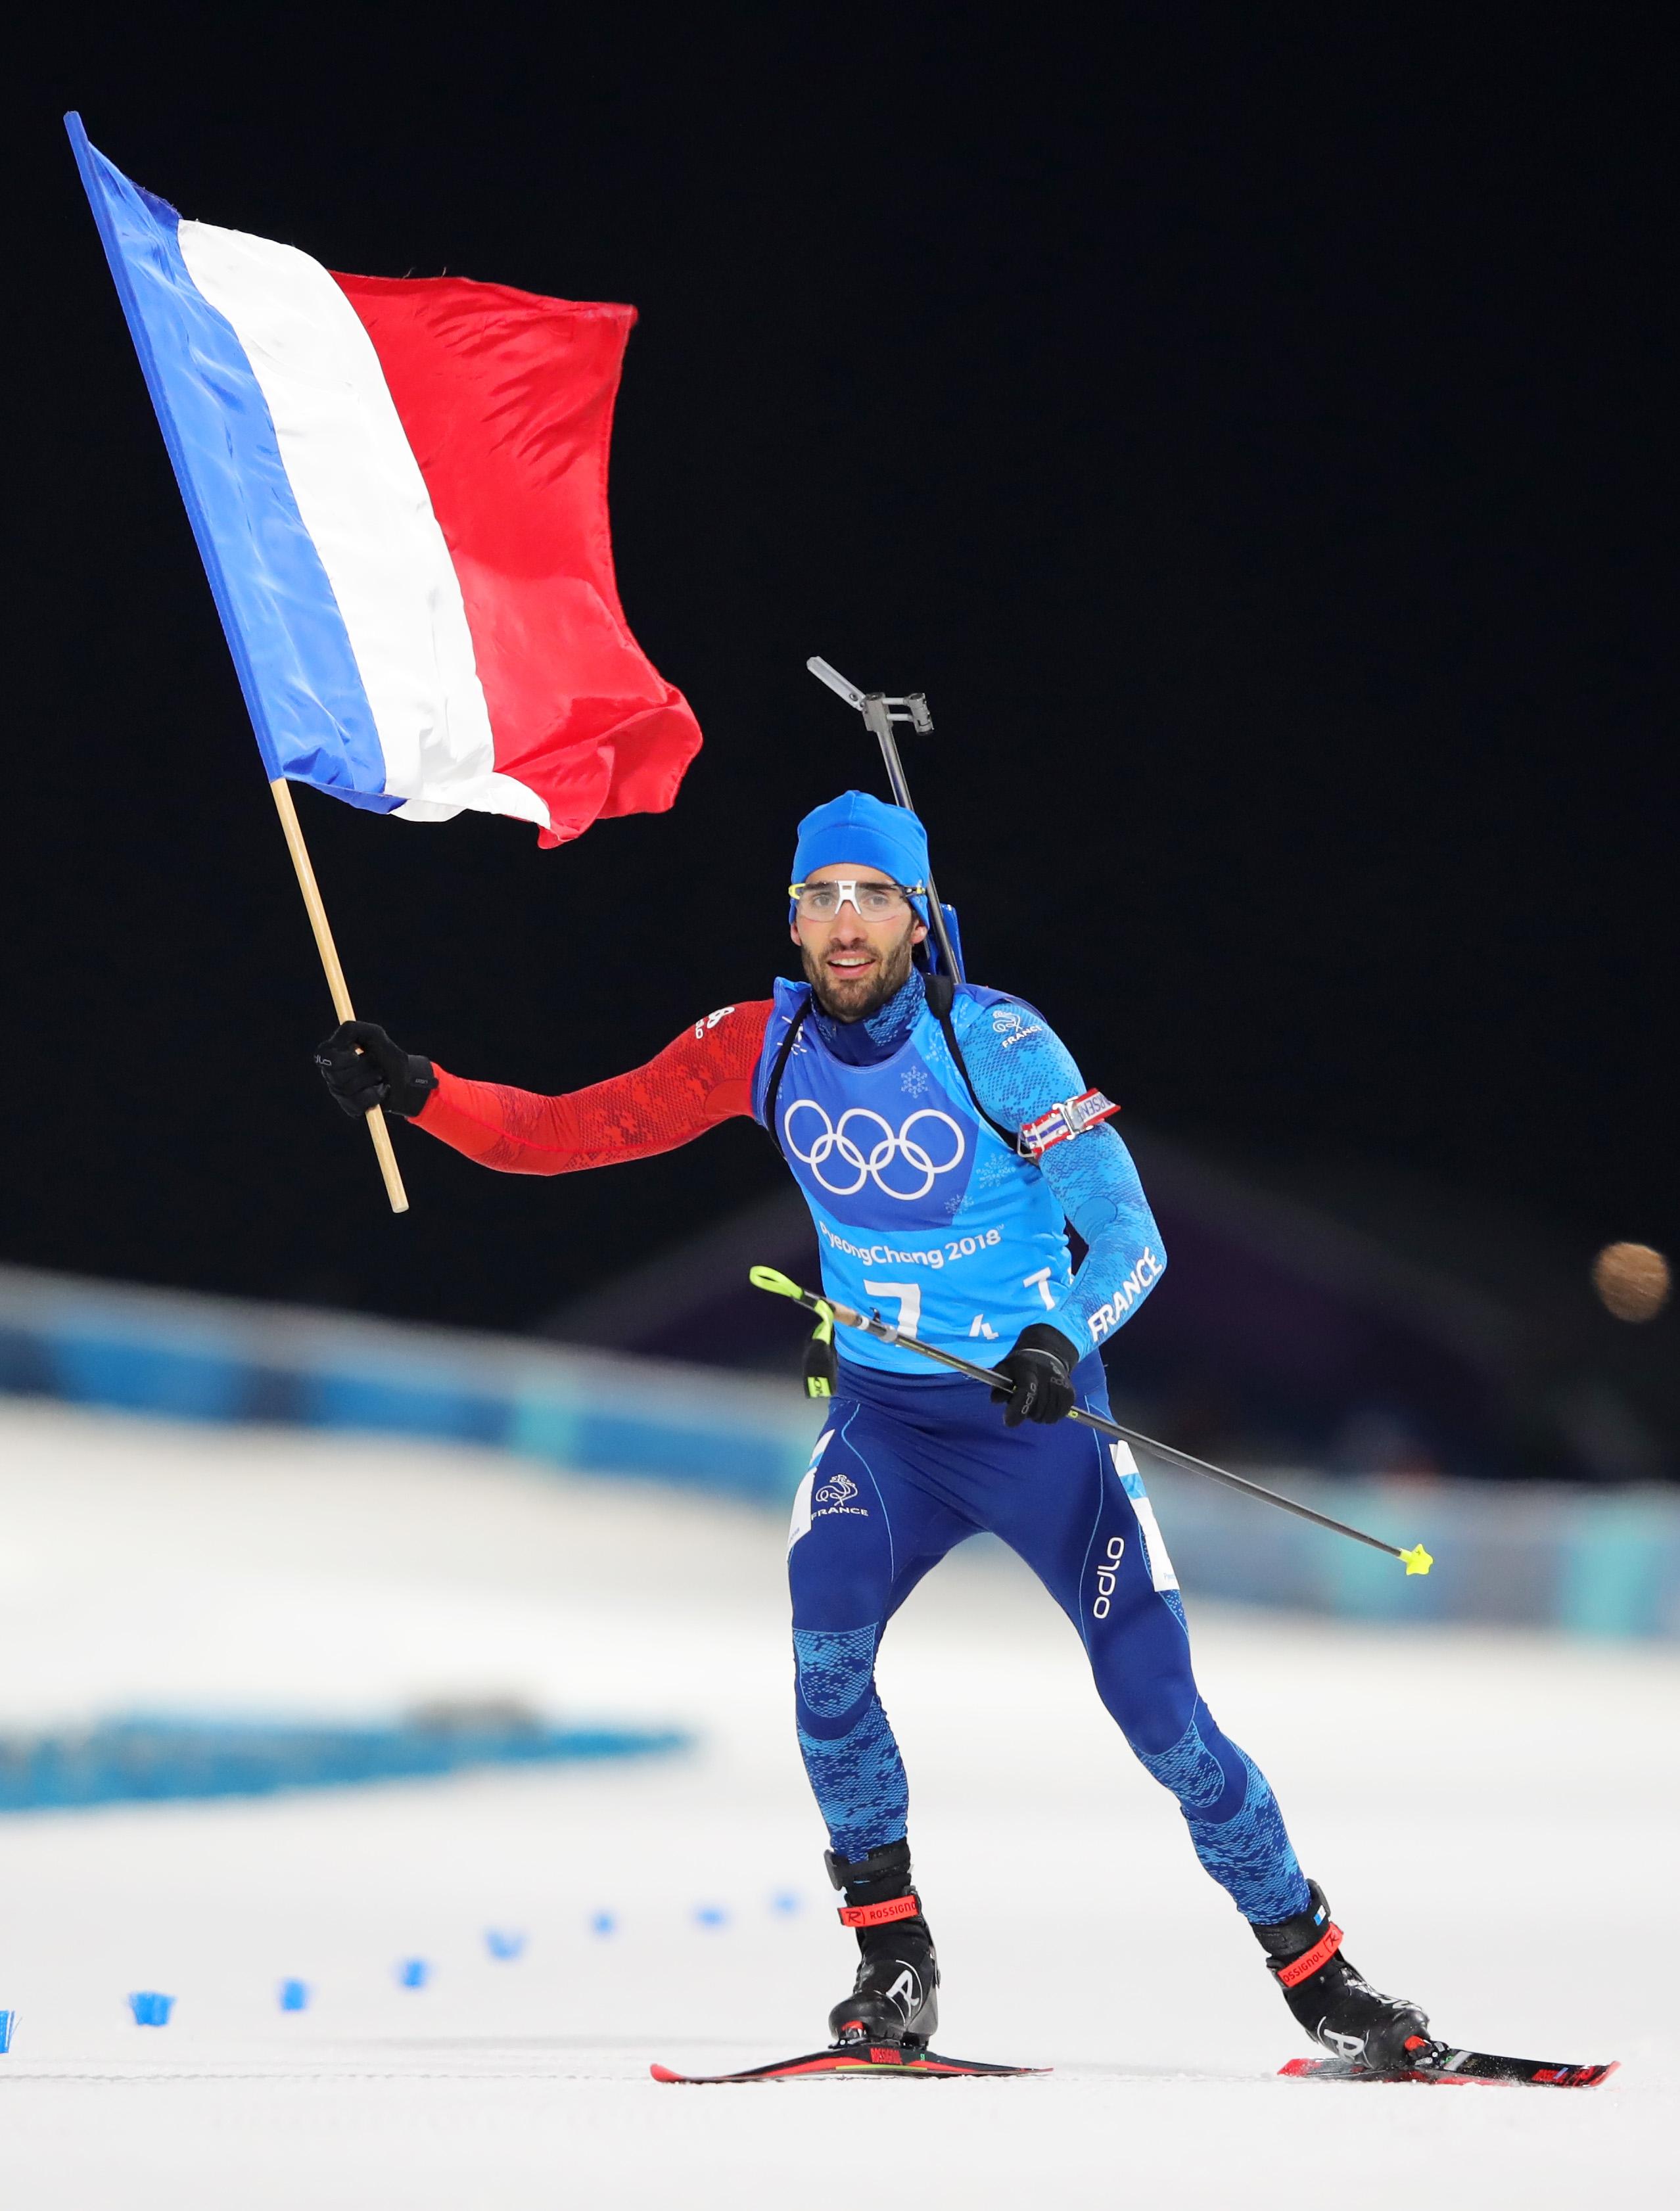 Легедната на световния биатлон Мартен Фуркад спечели третото си олимпийско